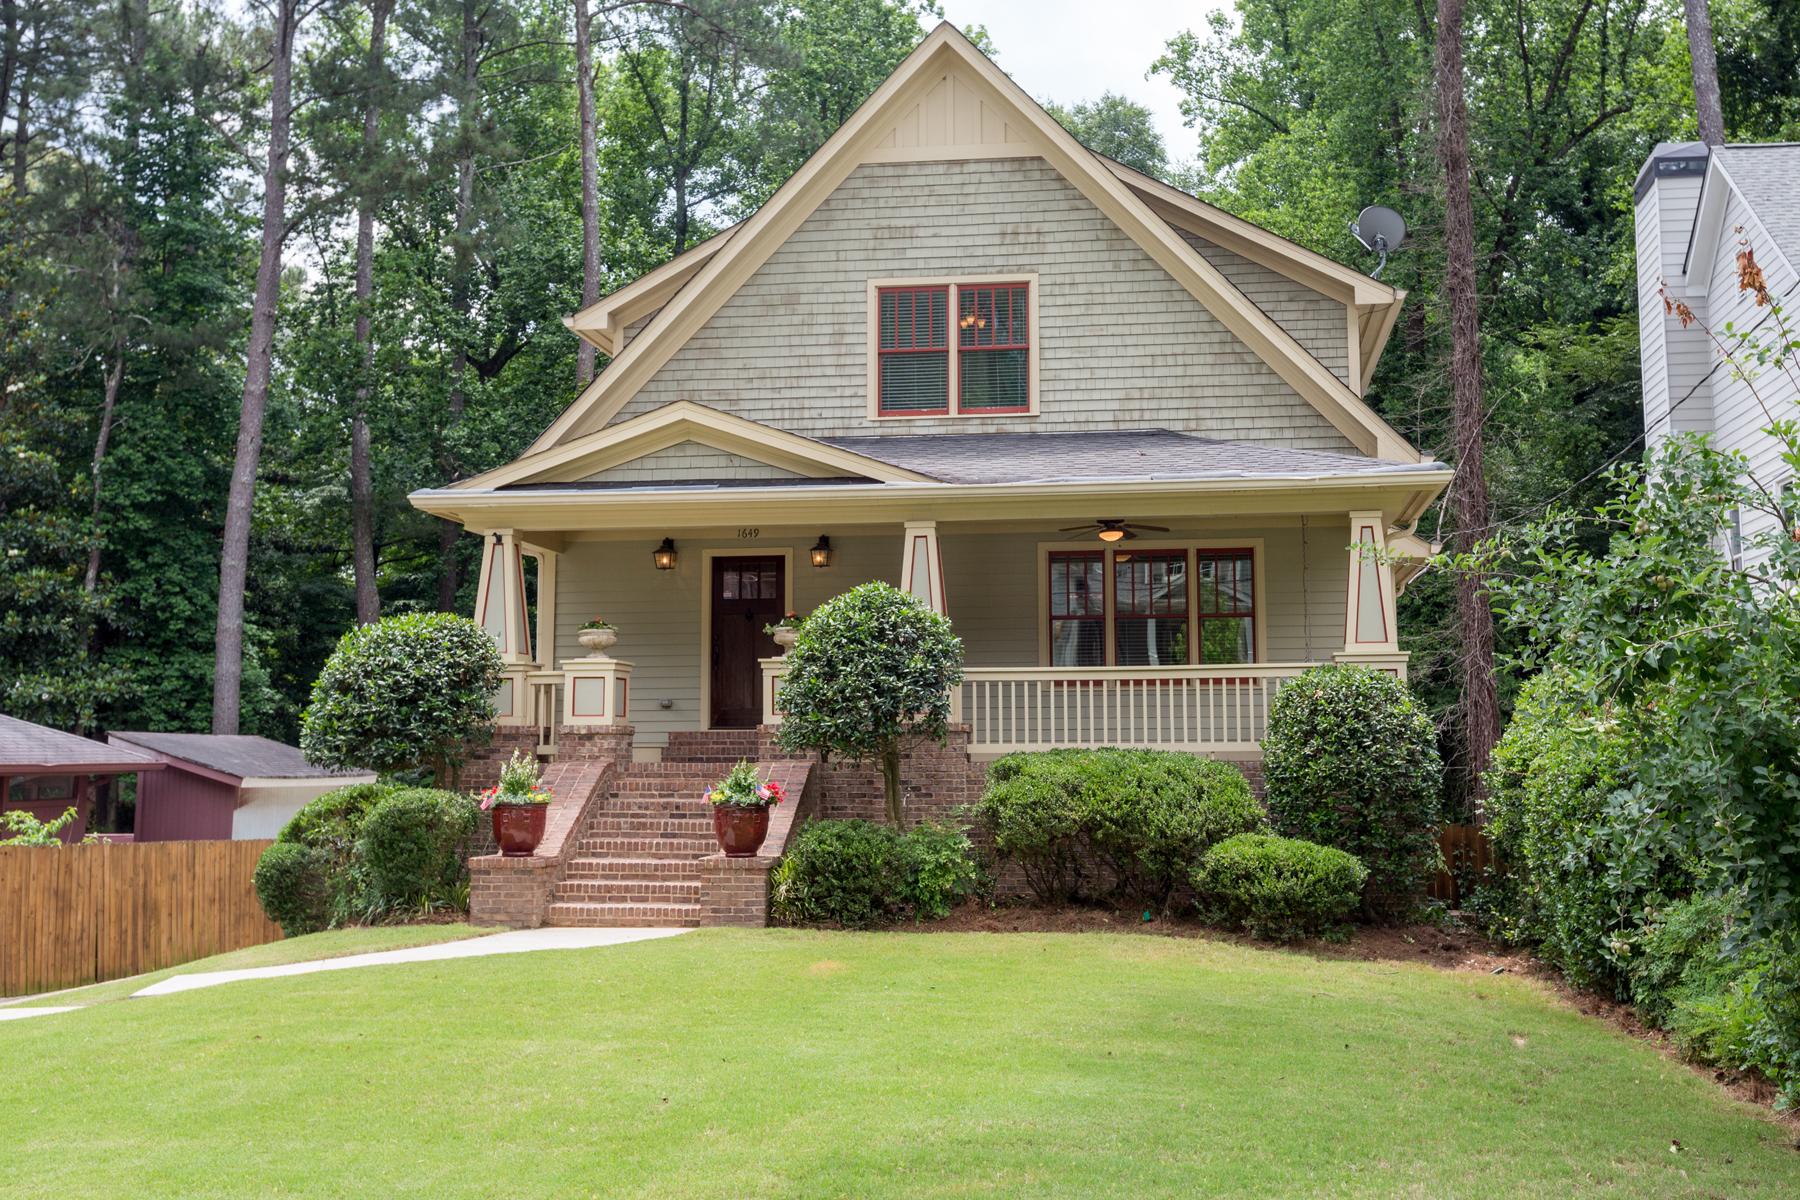 獨棟家庭住宅 為 出售 在 Popular Ashford Park Neighborhood 1649 Wayland Circle NE Ashford Park, Atlanta, 喬治亞州, 30319 美國